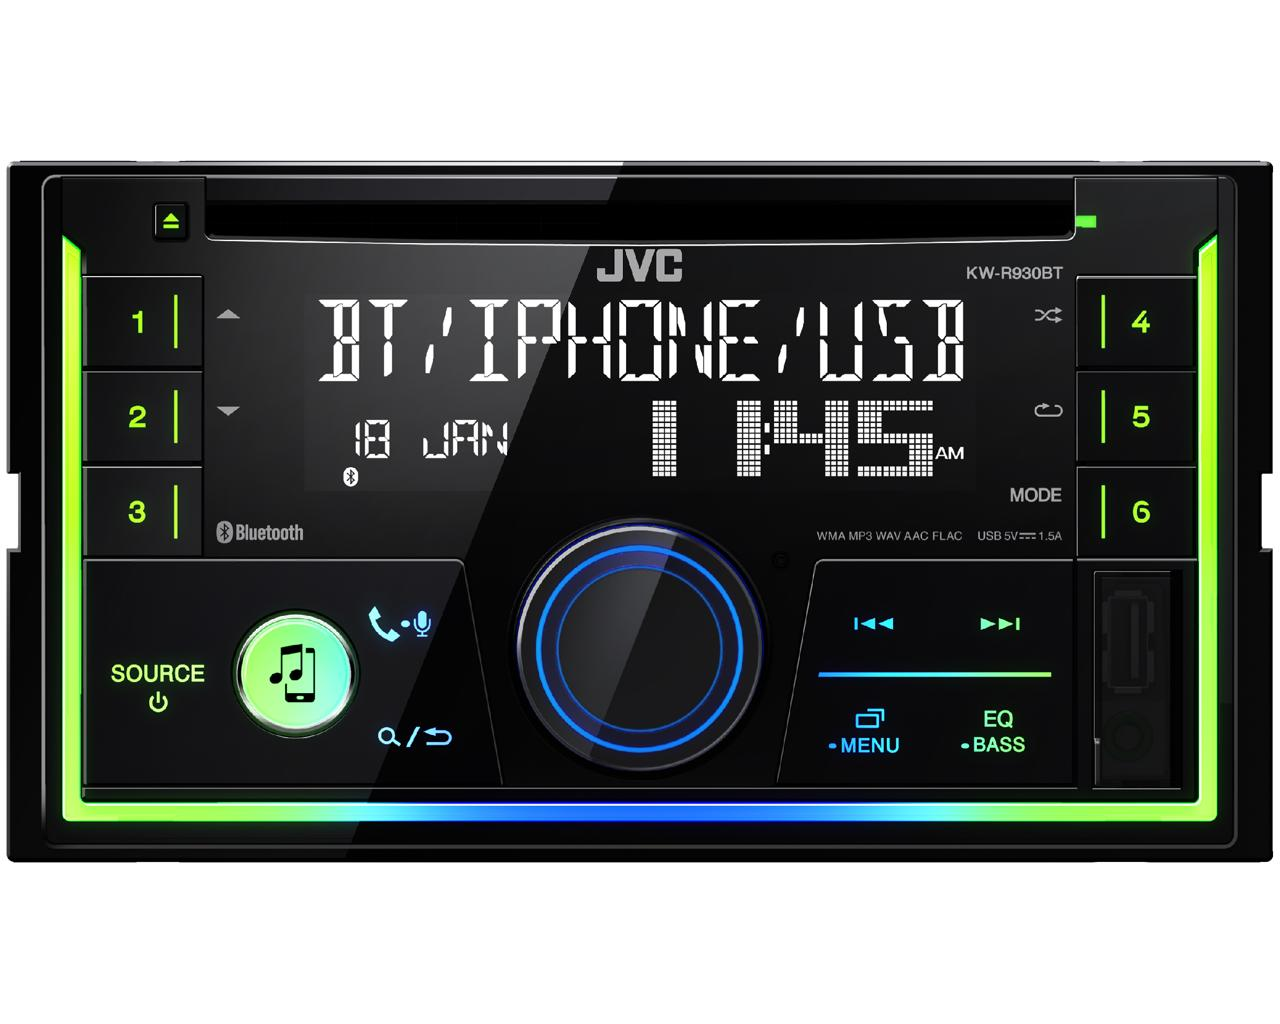 KW-R930BT Doppel-DIN CD-Receiver • JVC Deutschland